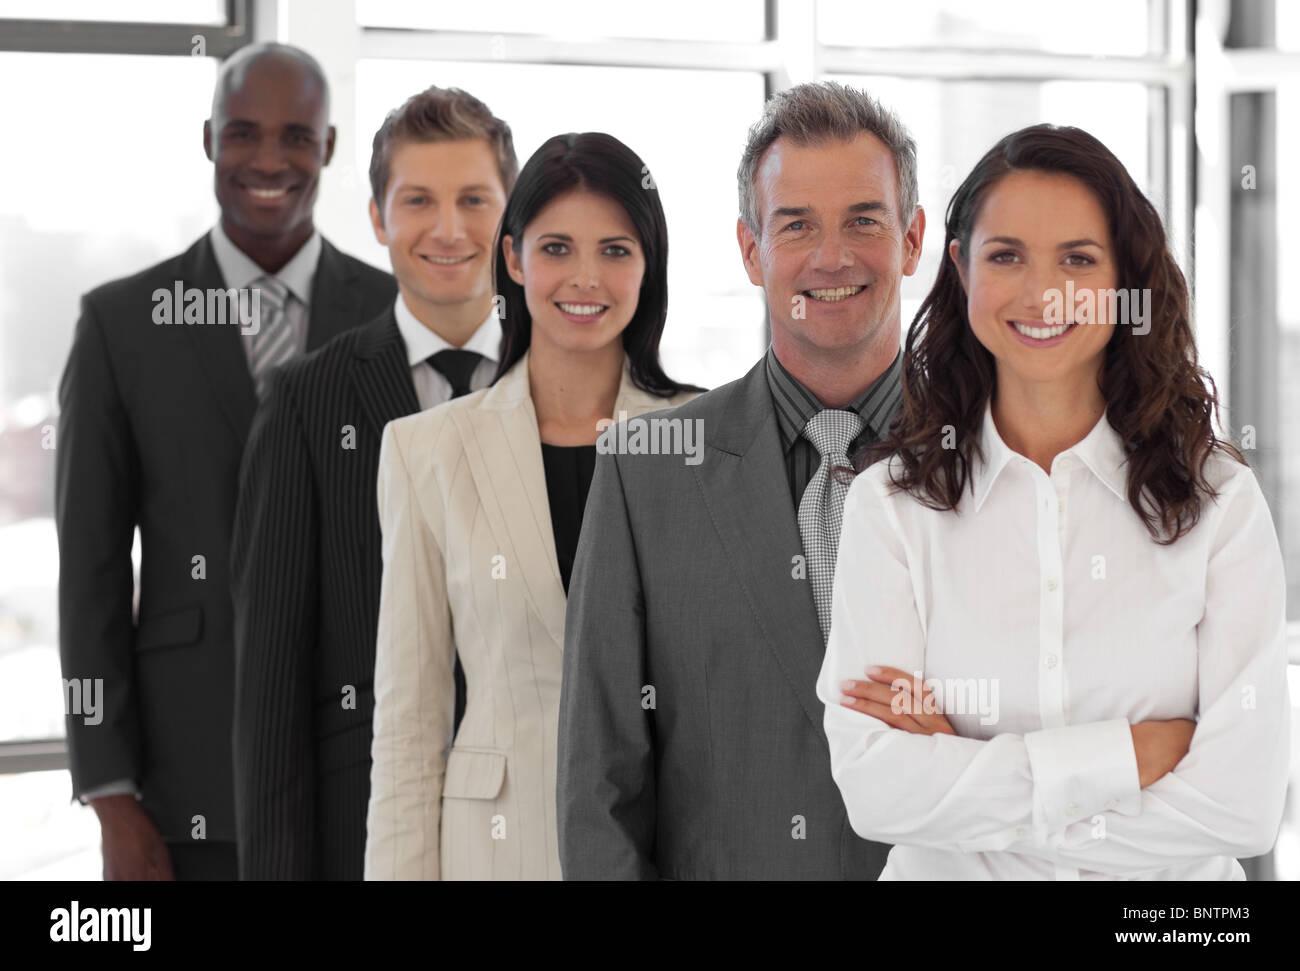 Gli imprenditori provenienti da culture diverse guardando la fotocamera Immagini Stock